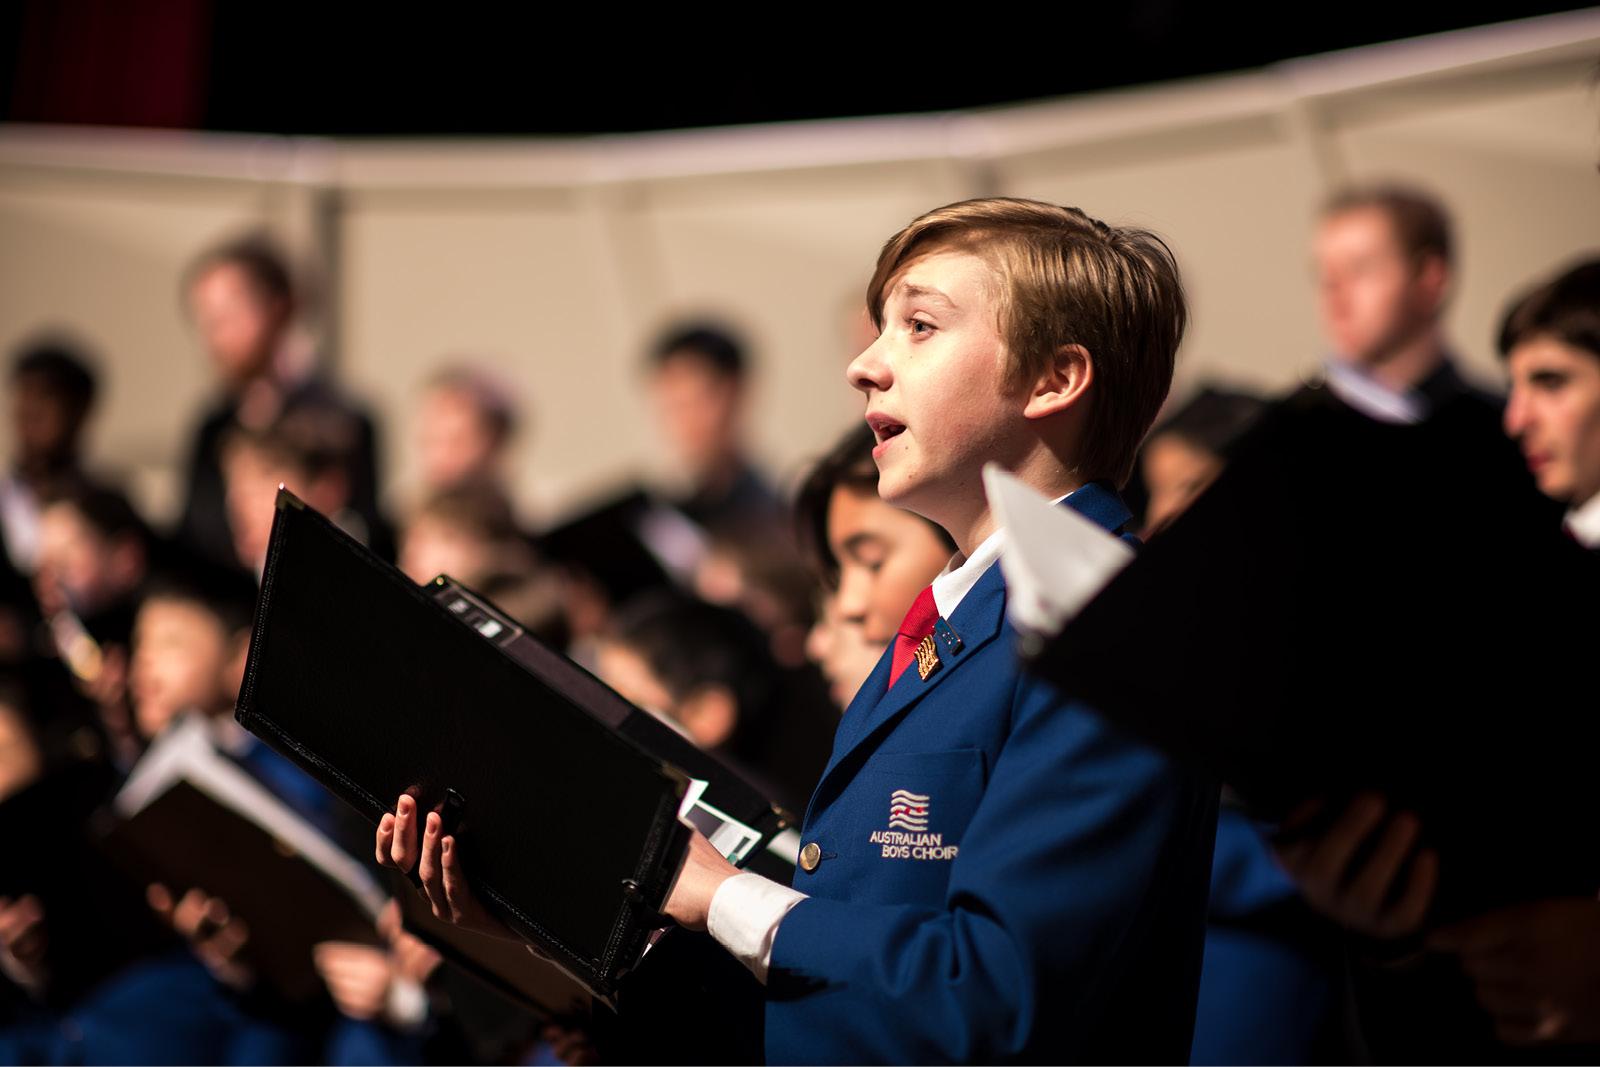 Australian Boys Choir